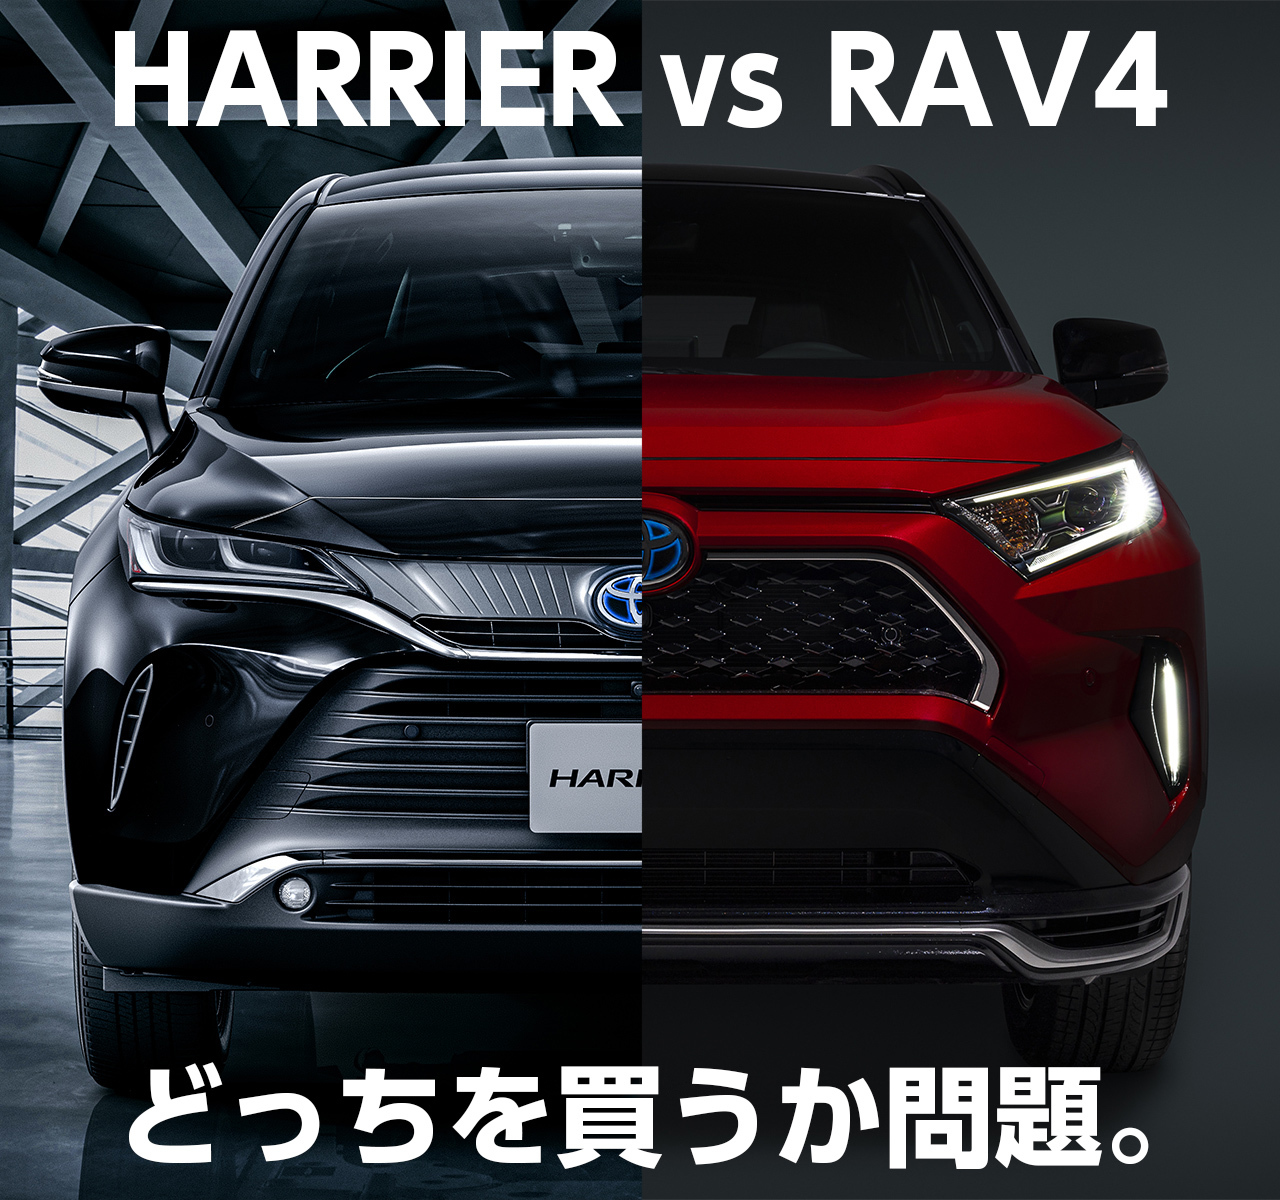 RAV4HARRIER_202004260228117bc.jpg